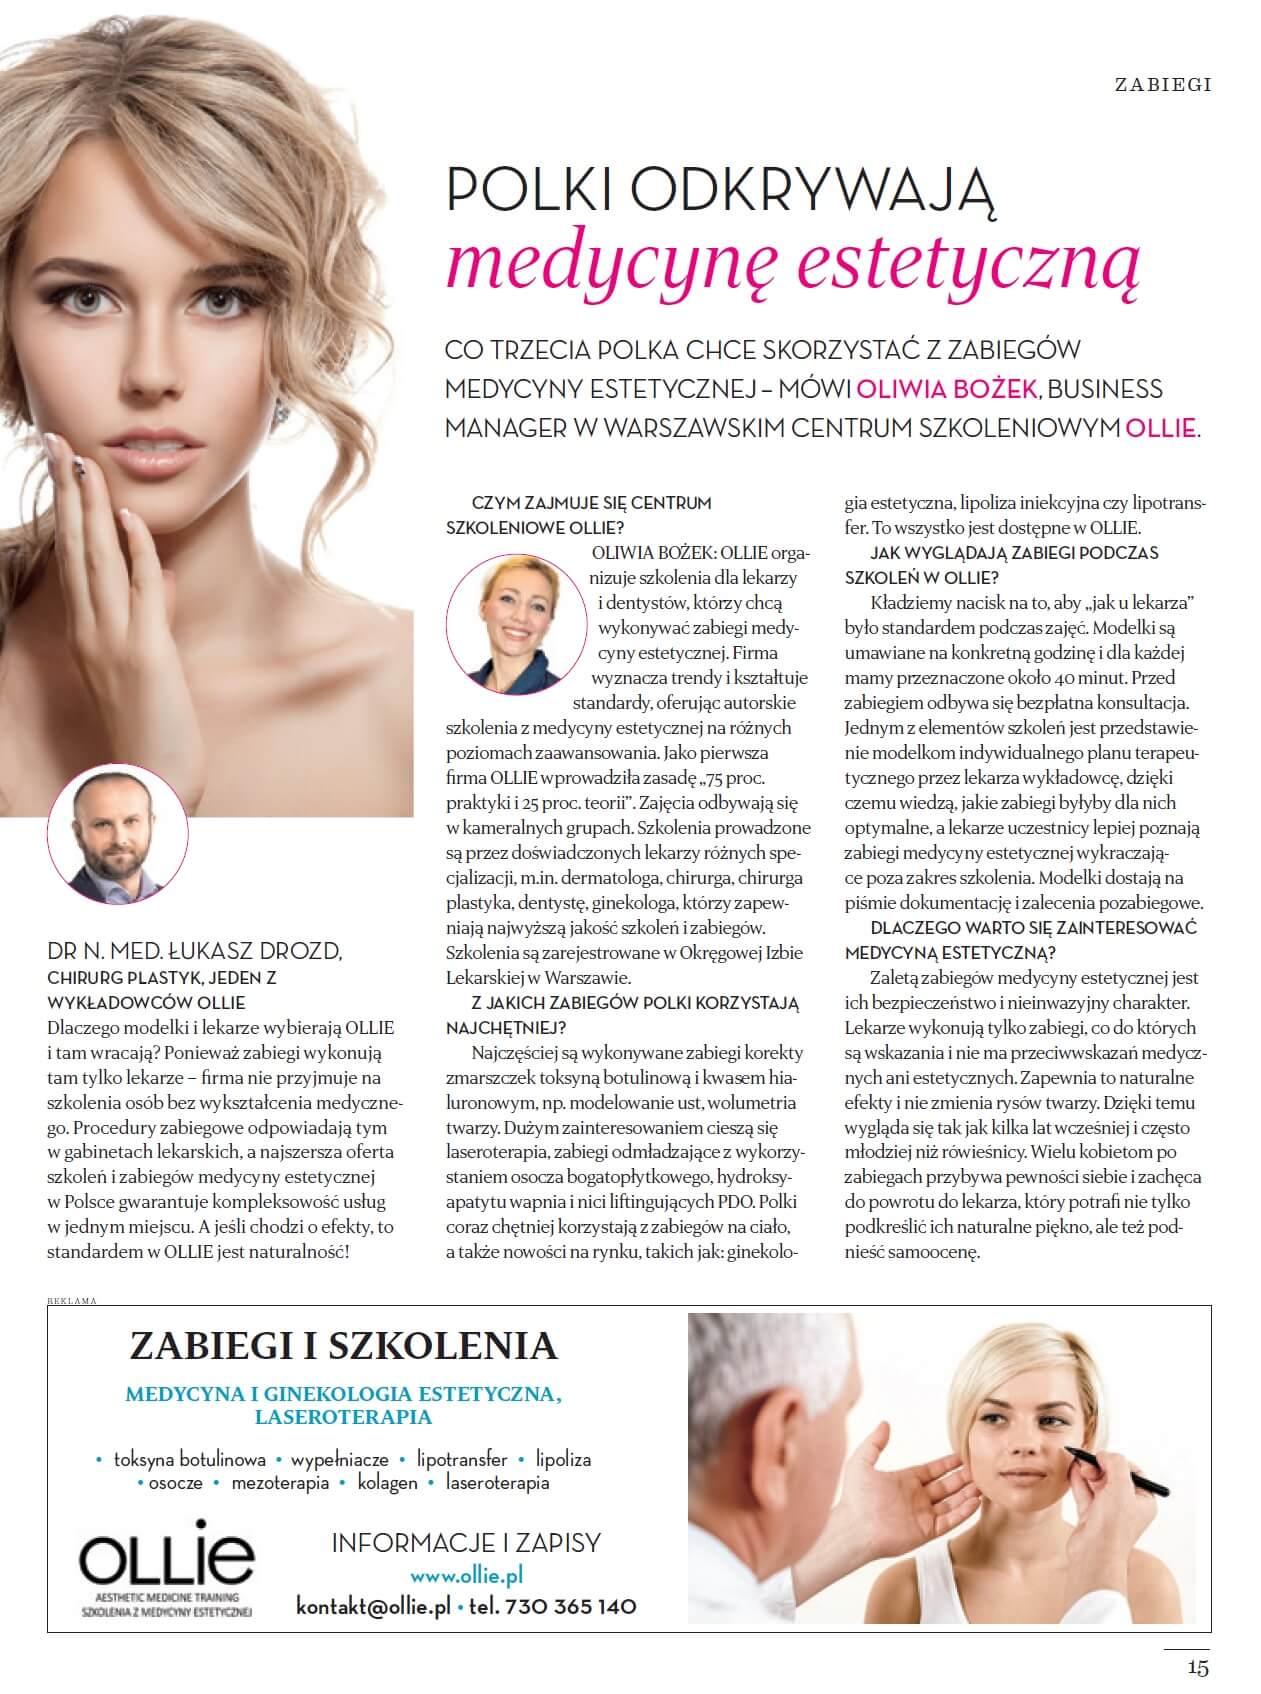 Polki odkrywają medycynę estetyczną